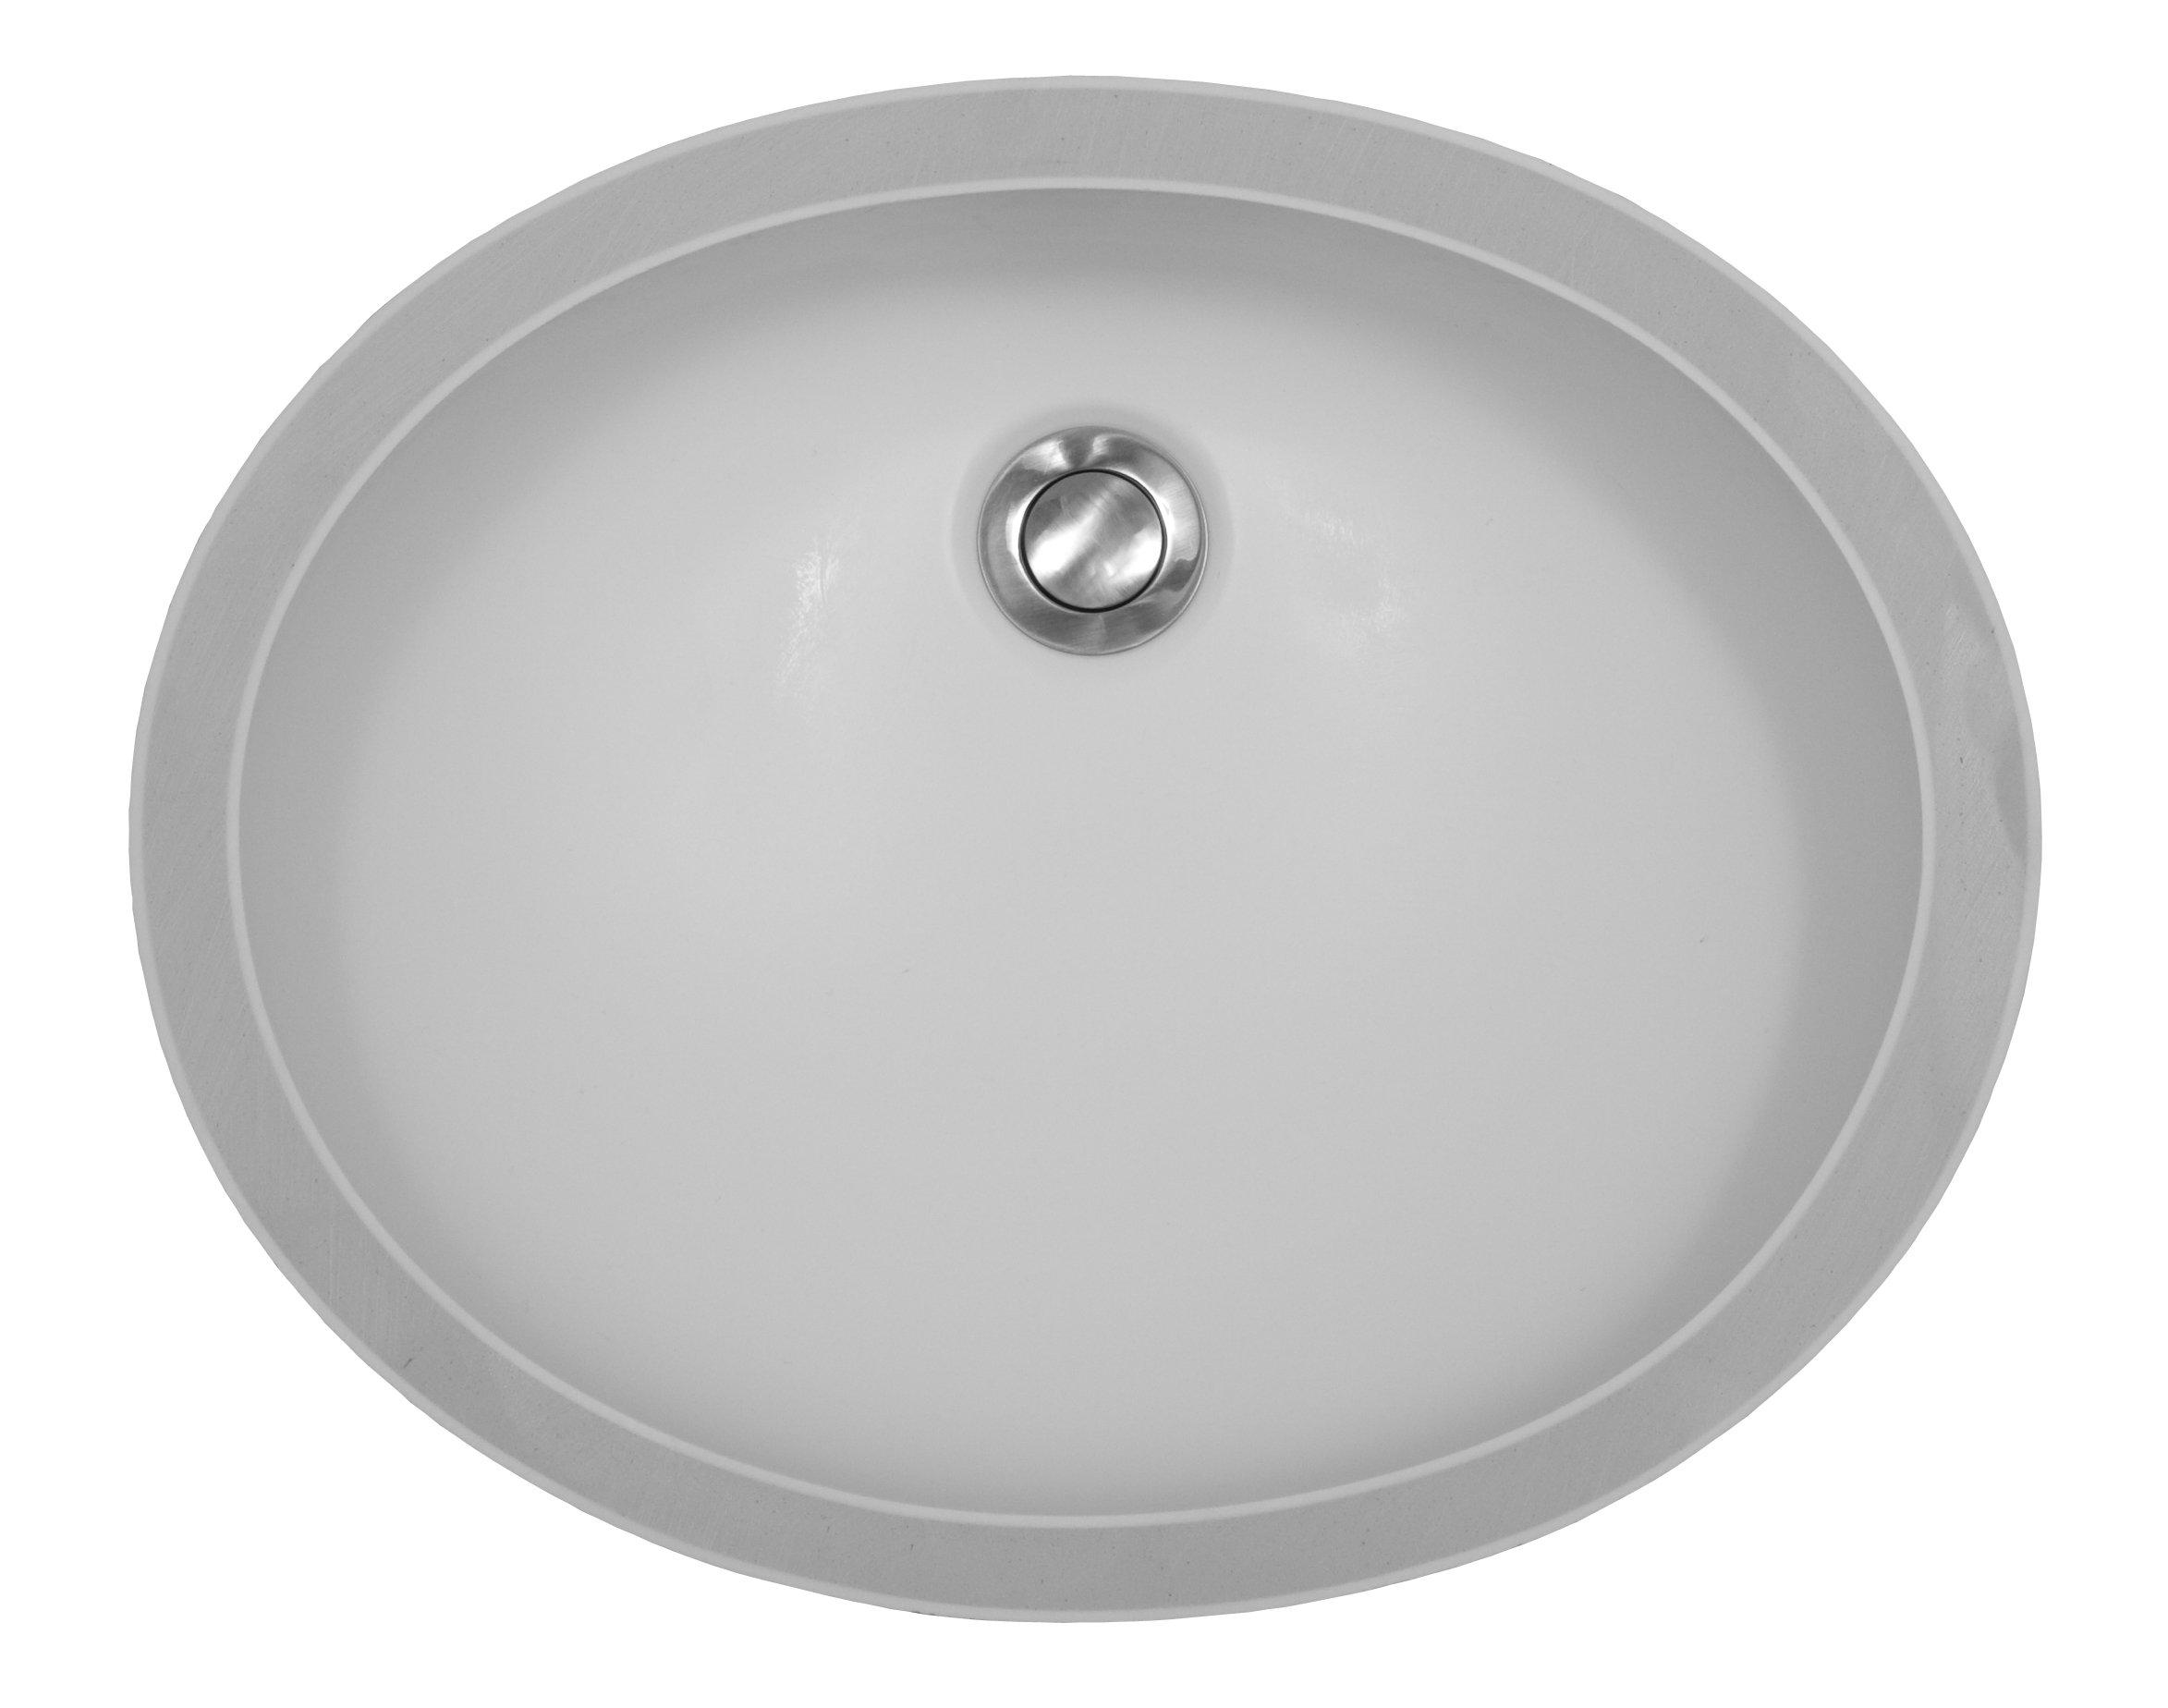 Karran Undermount Acrylic Sinks : York - Bisque